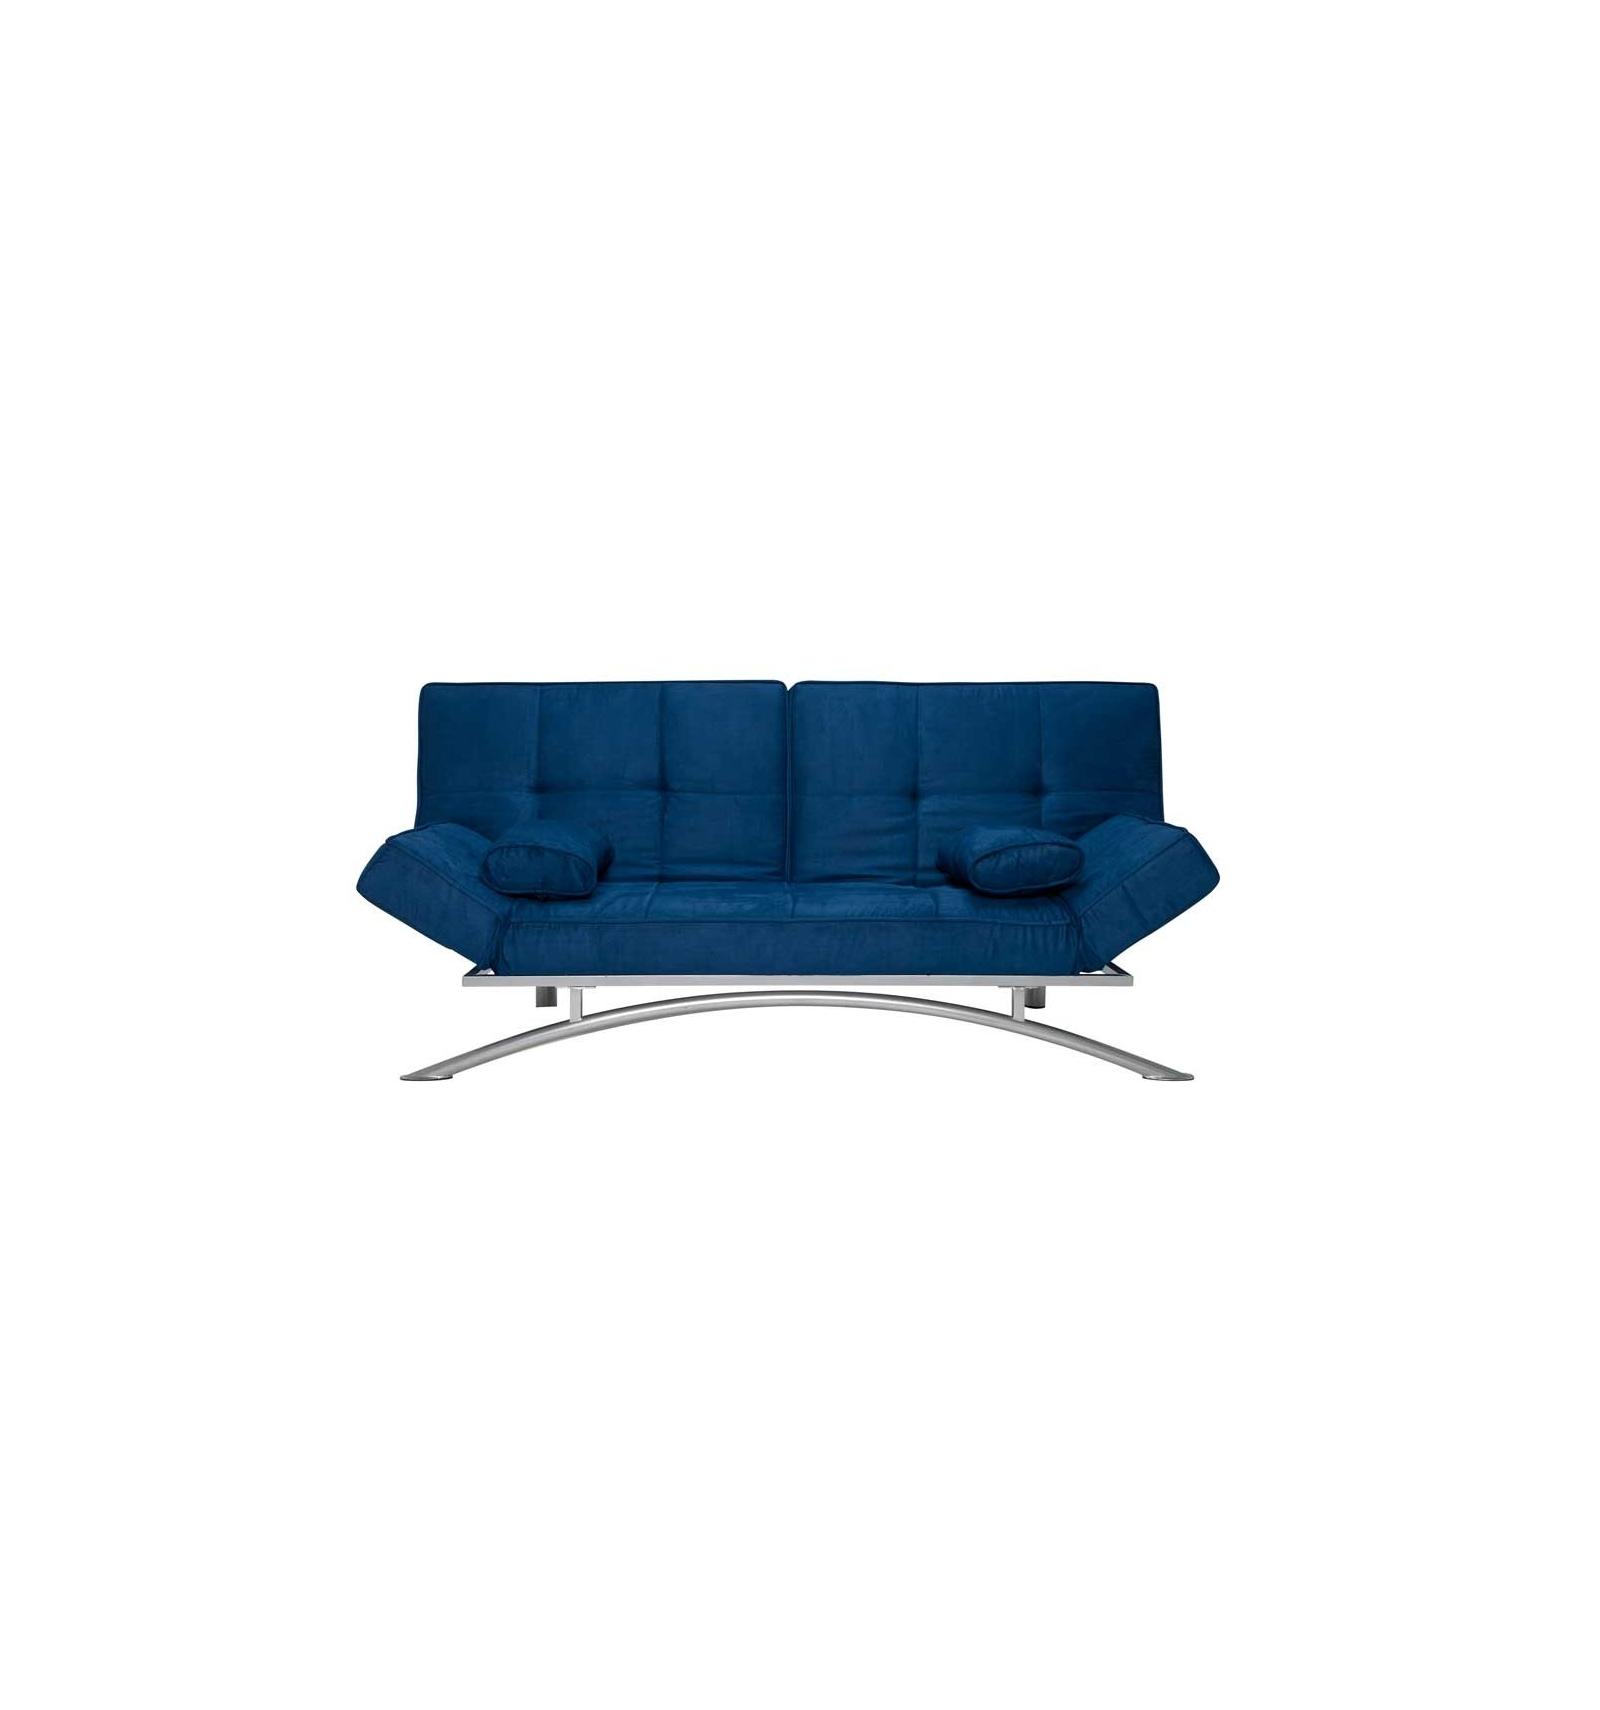 Sof s cama clic clac azul for Sofa cama clic clac 135